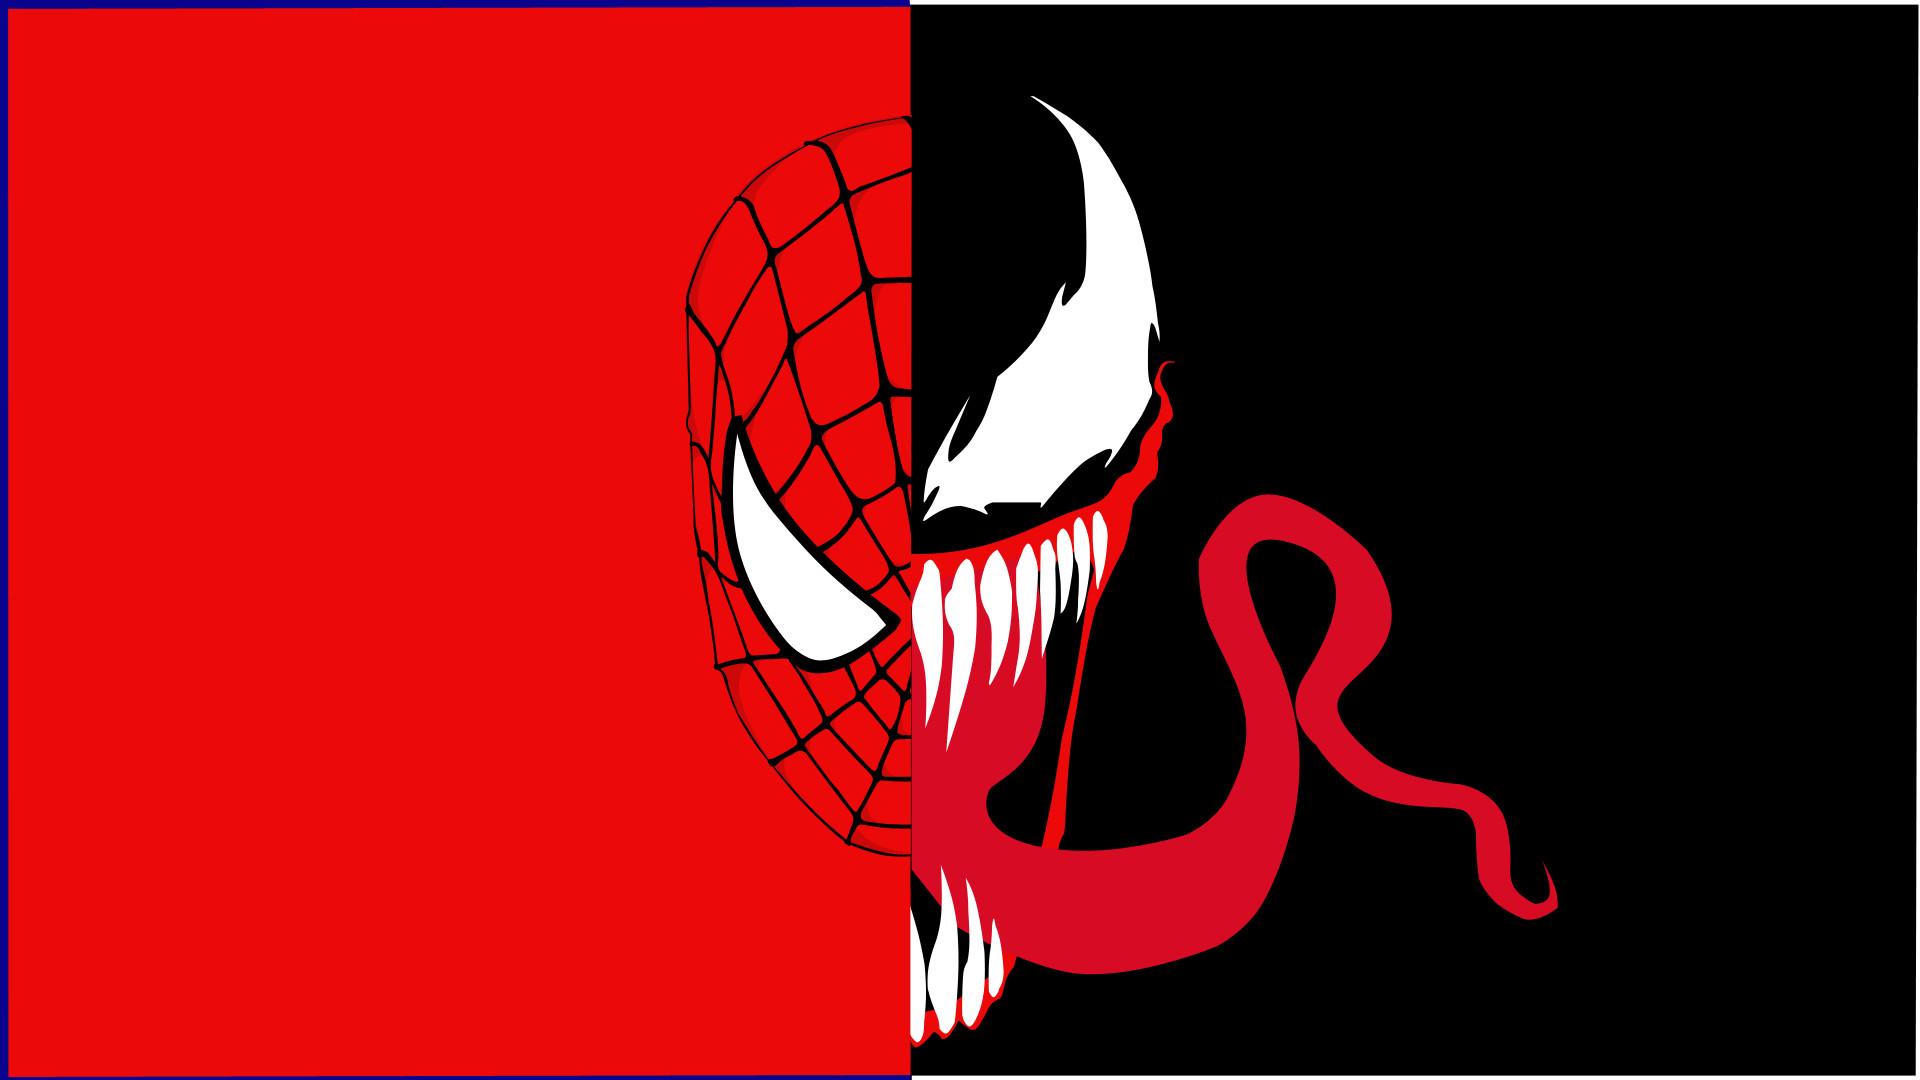 venom spider man logo wallpaper -#main